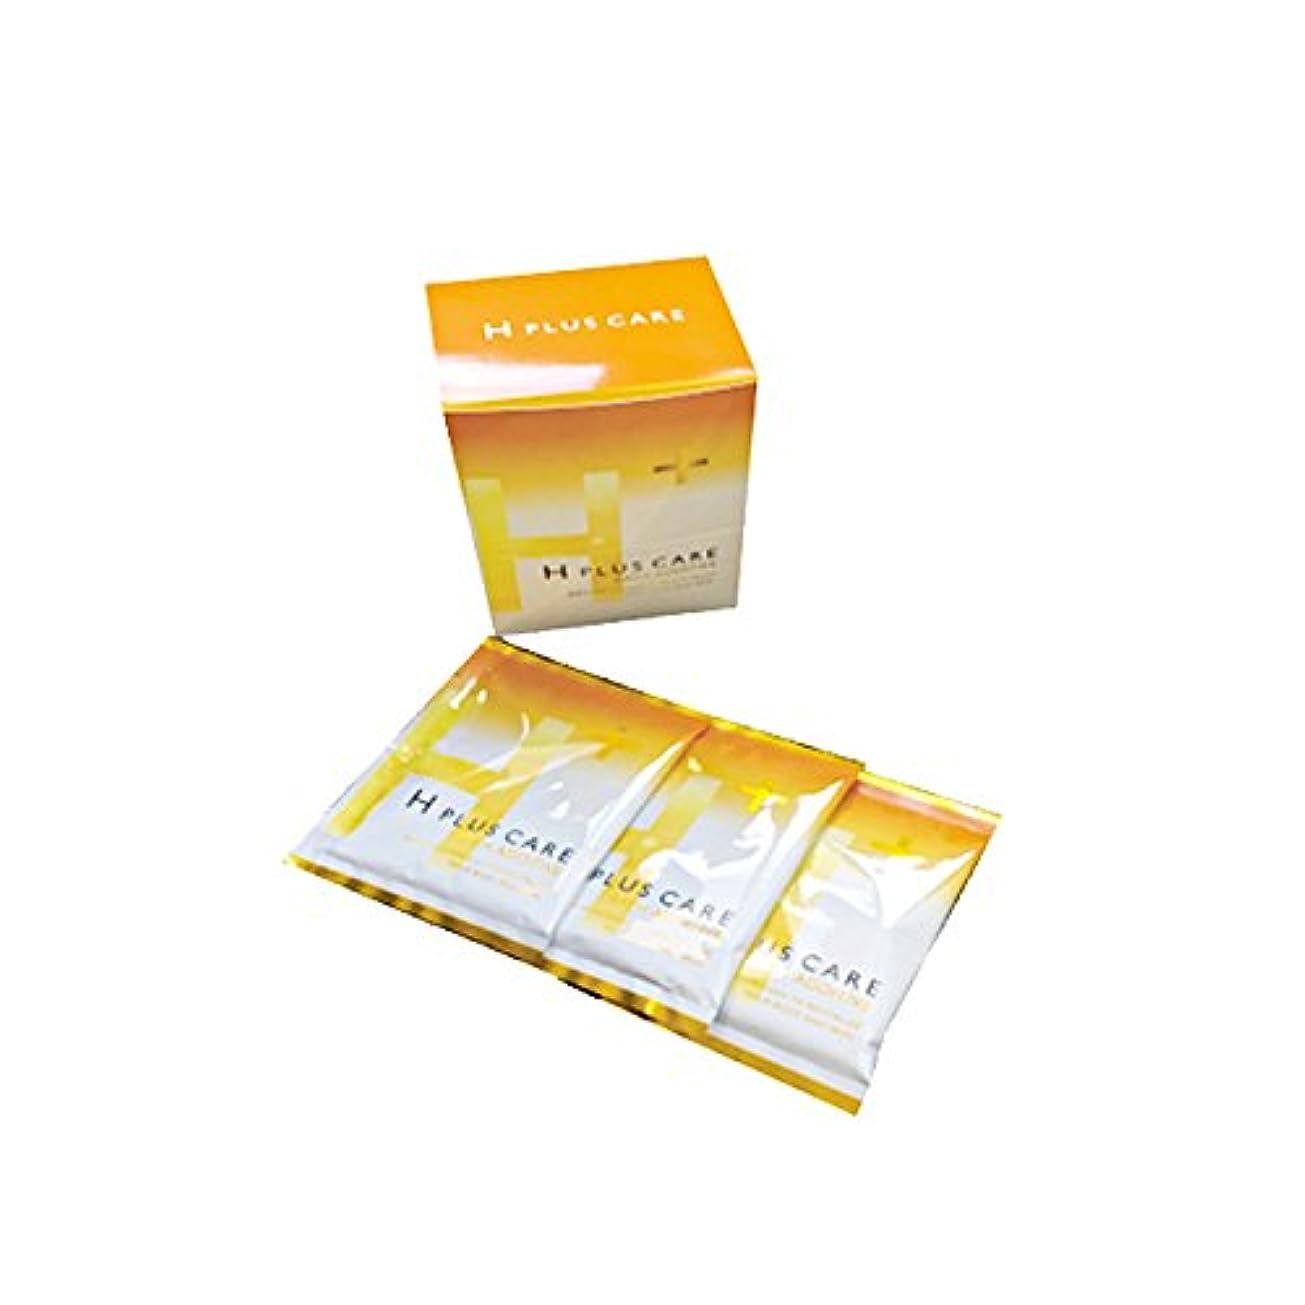 驚いたことに配る断言する水素浴用剤 H PLUS CARE(エイチプラスケア) 450g(45g×10包) アンタレス